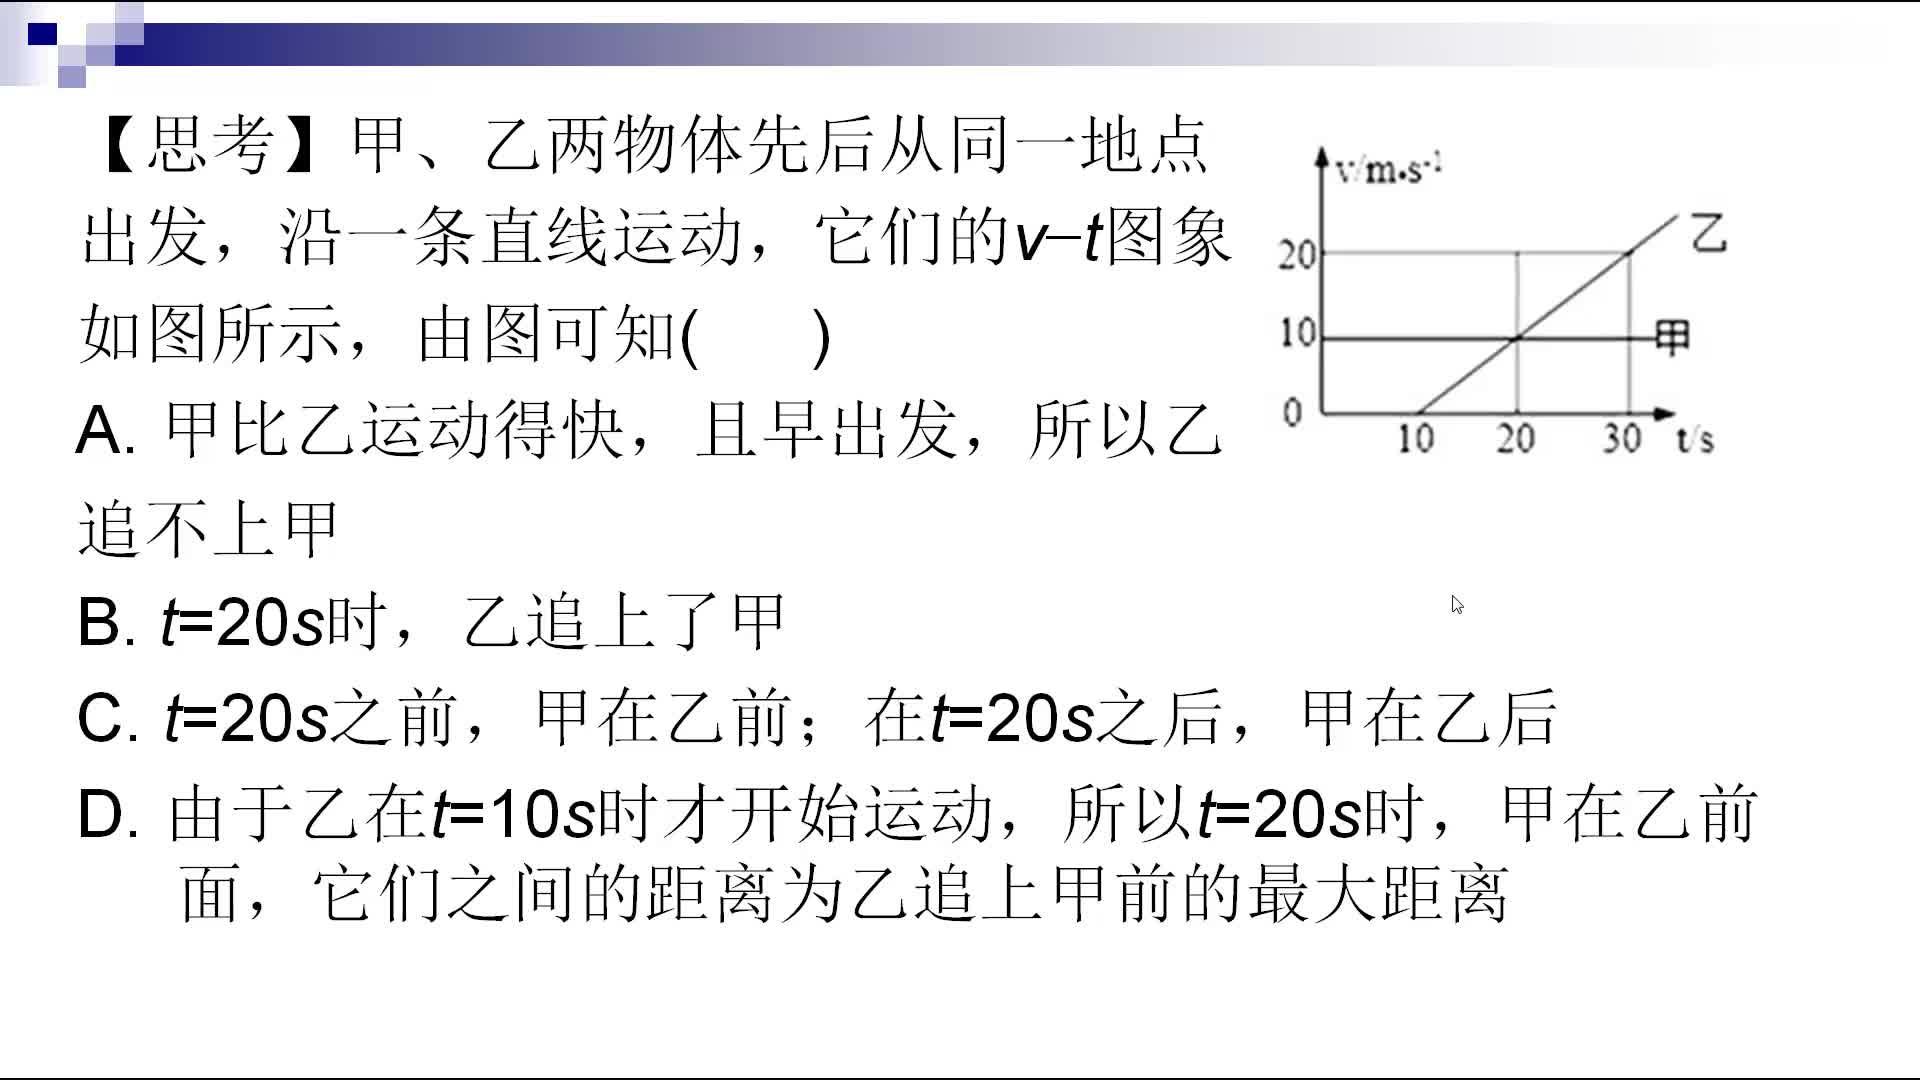 人教版高中物理必修一 2.4速度-时间图象上的考点(直线运动难点辨析)